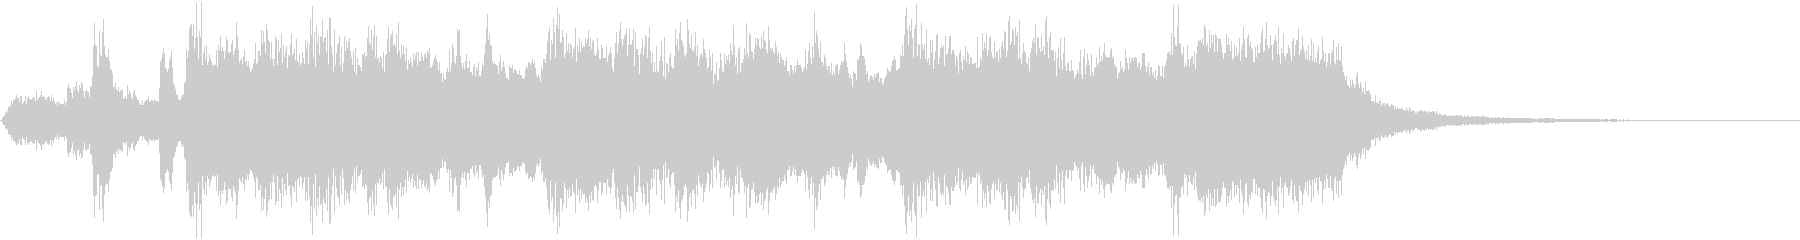 華麗なオーケストラ・ファンファーレの未再生の波形